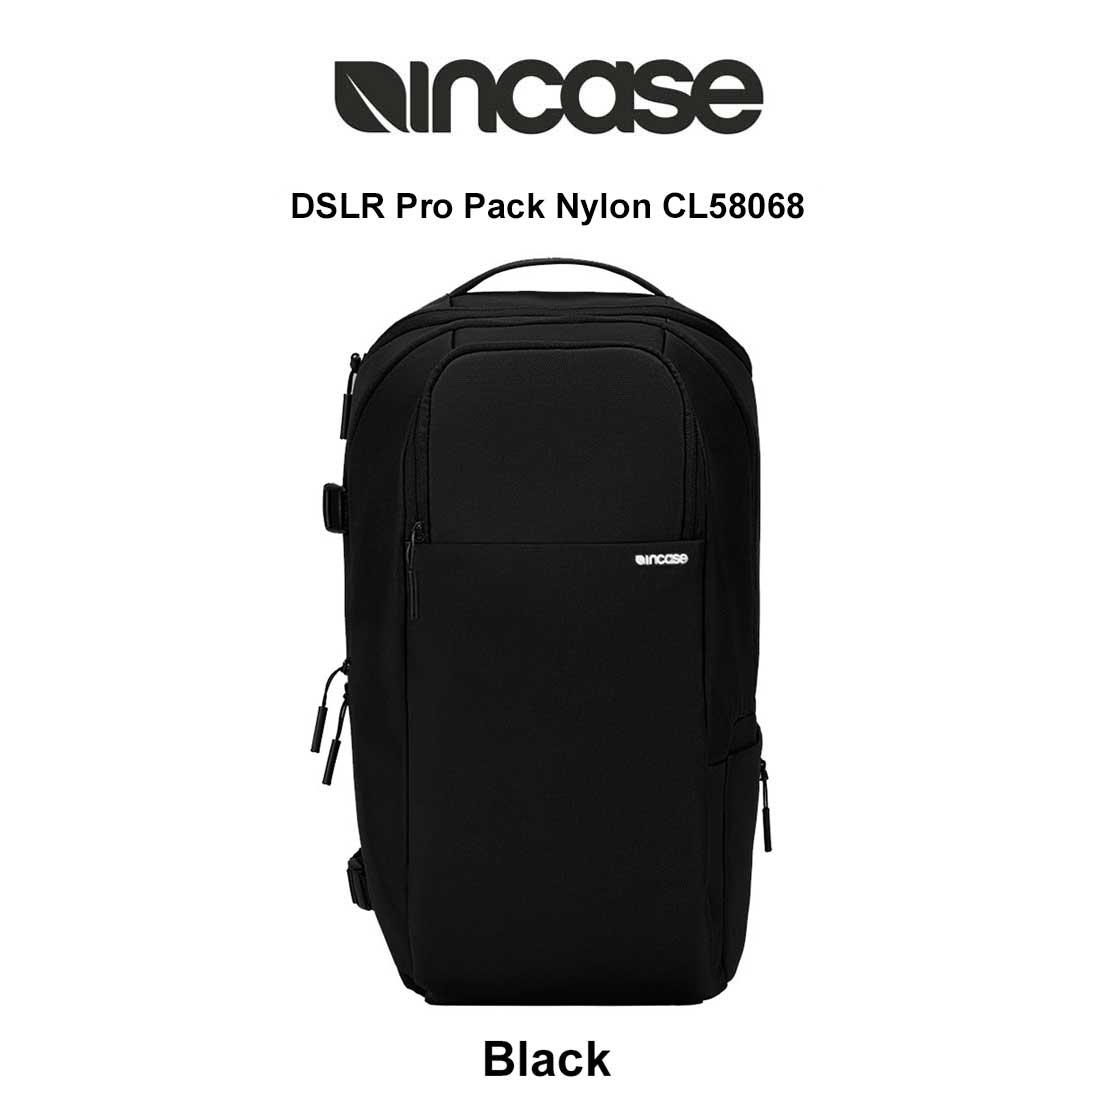 Incase(インケース)カメラ 一眼レフ バックパック DSLR Pro Pack Nylon CL58068